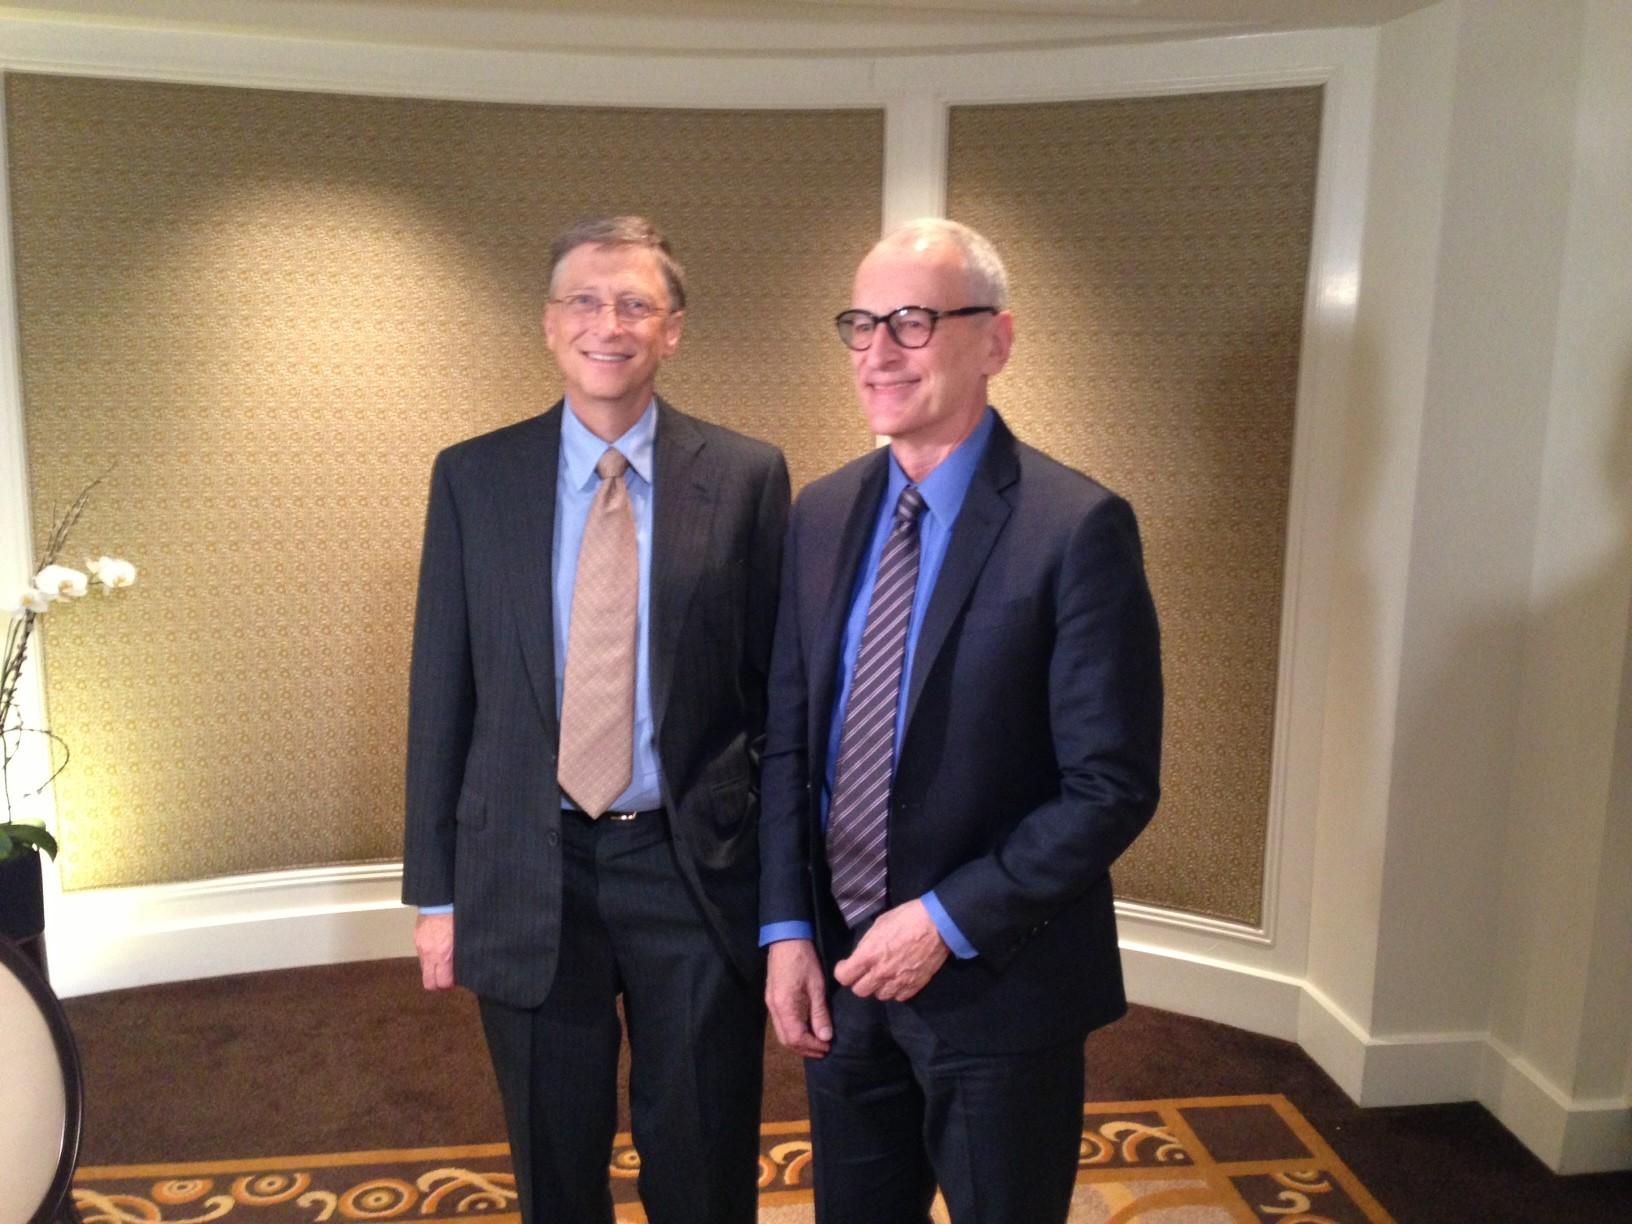 O repórter Jorge Pontual entrevista Bill Gates no 'Globo News Especial' (Foto: Divulgação/Globo News )